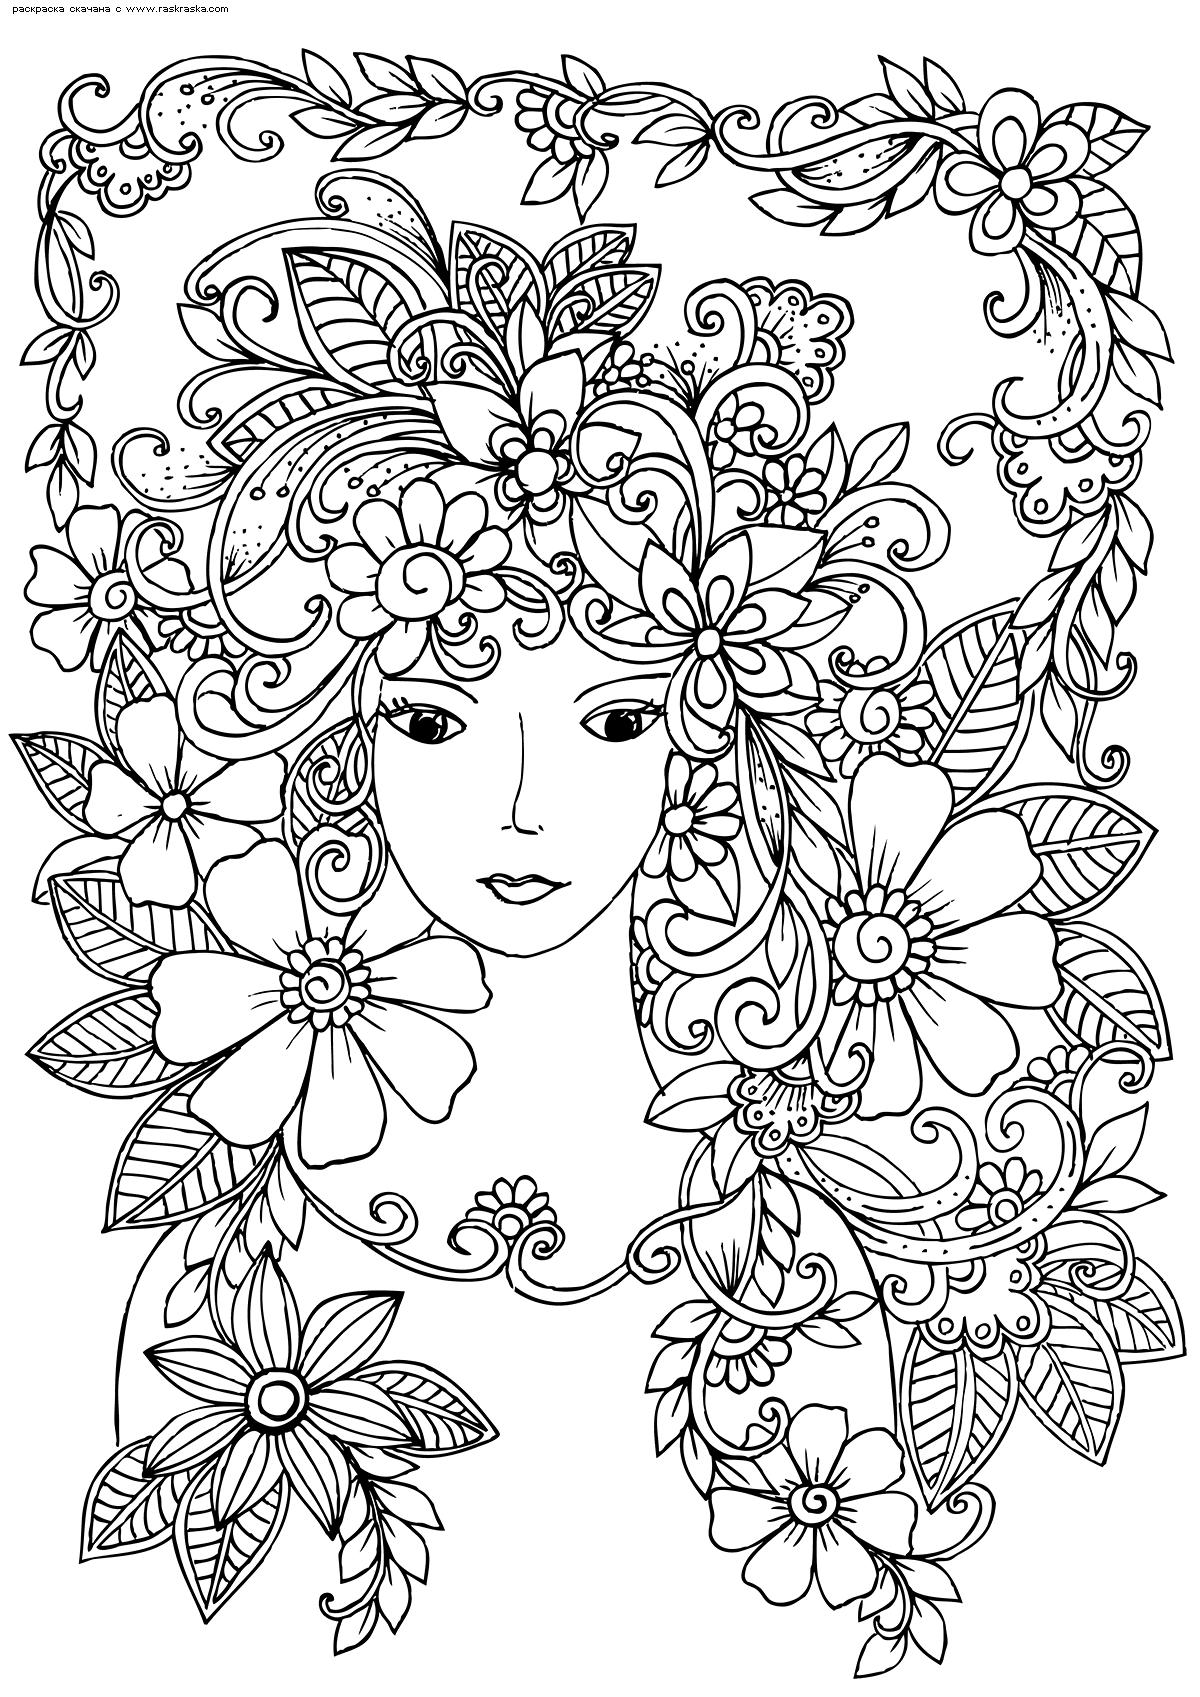 Раскраска Девушка в цветах. Раскраска антистресс